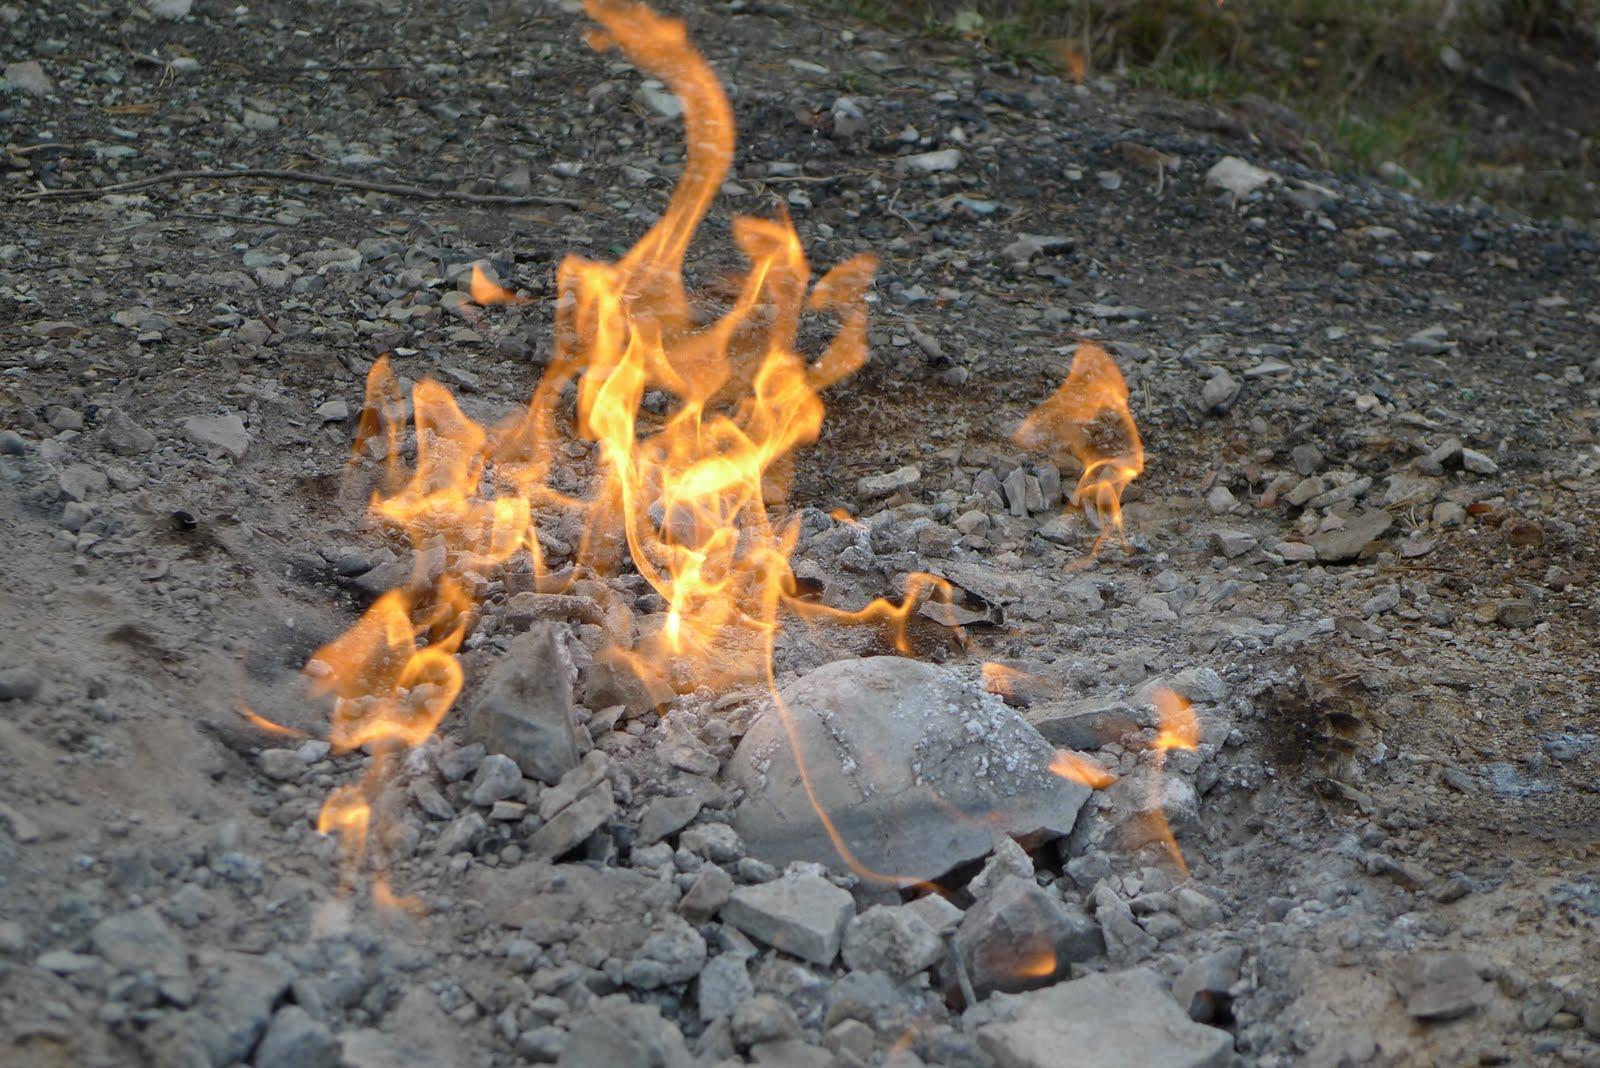 Să ne cunoaștem țara: Rezervația naturală focul viu